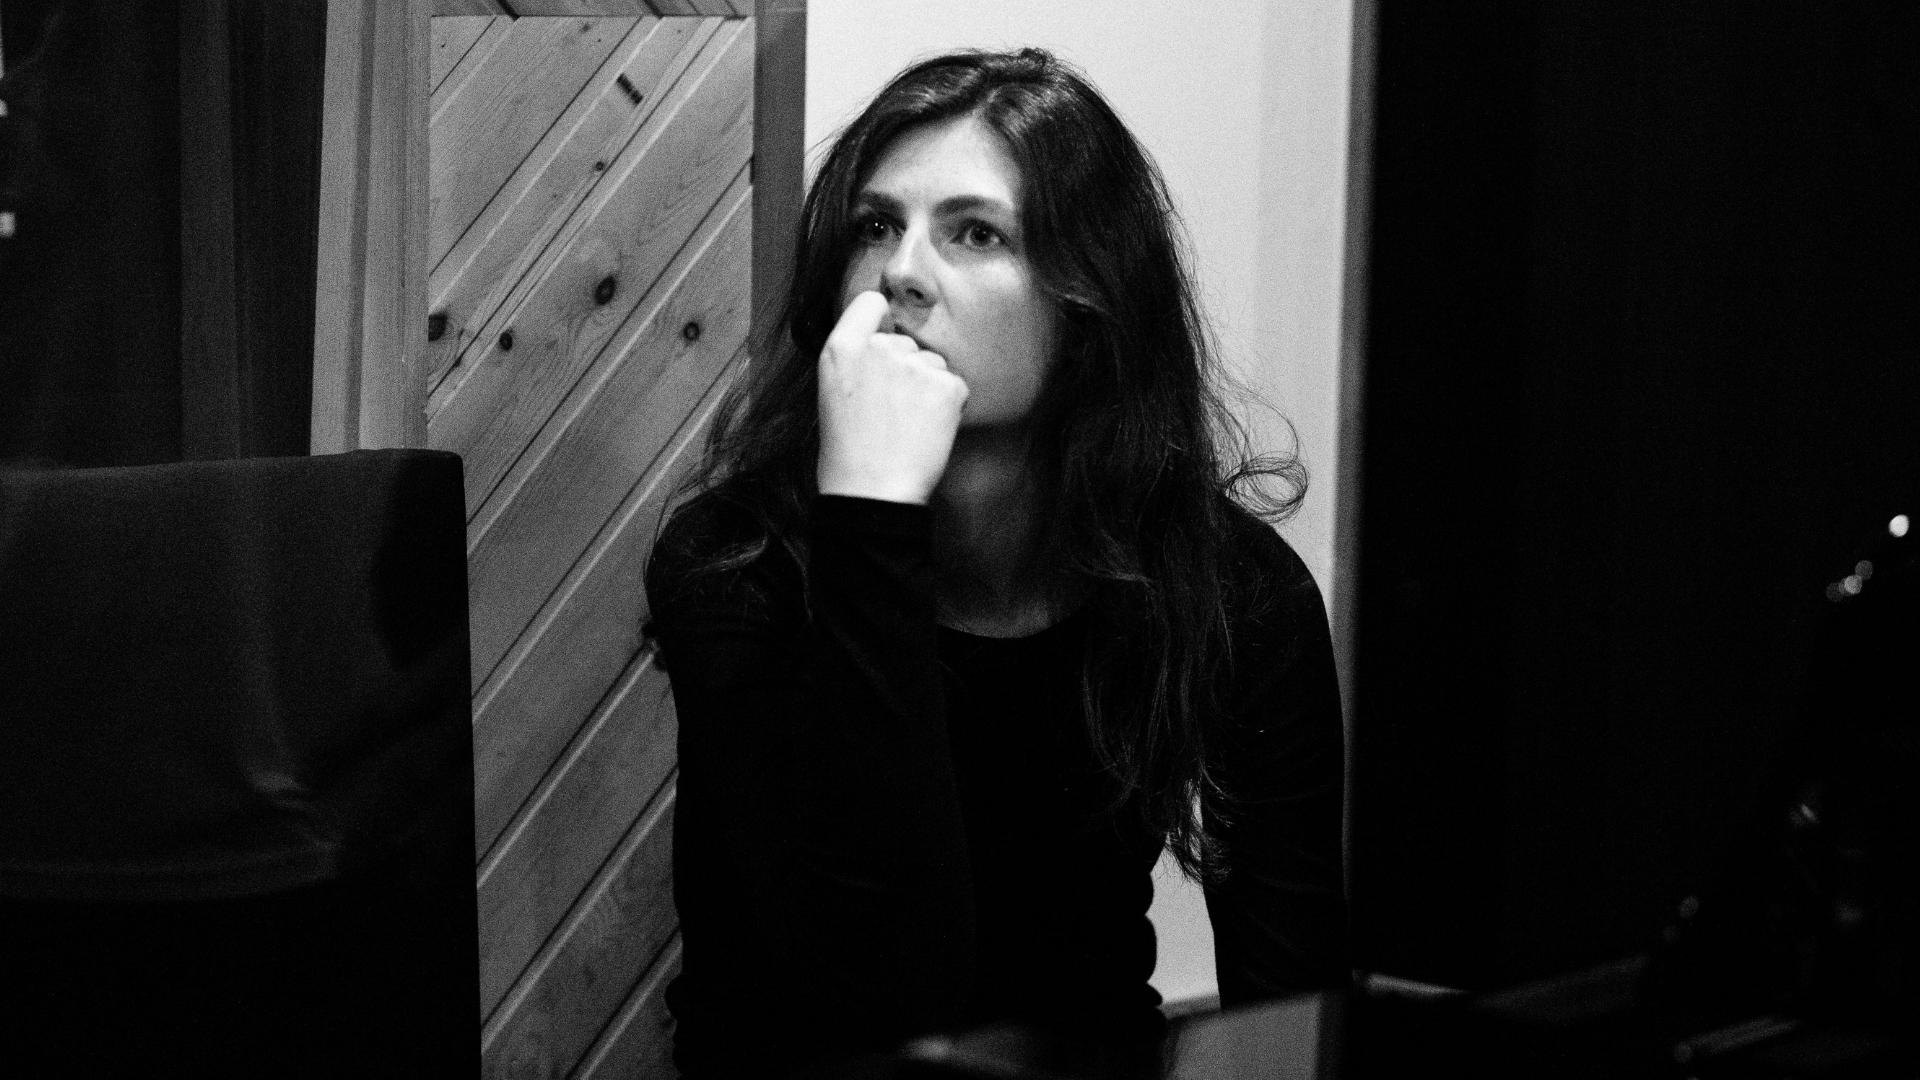 Andree-Ann Deschenes